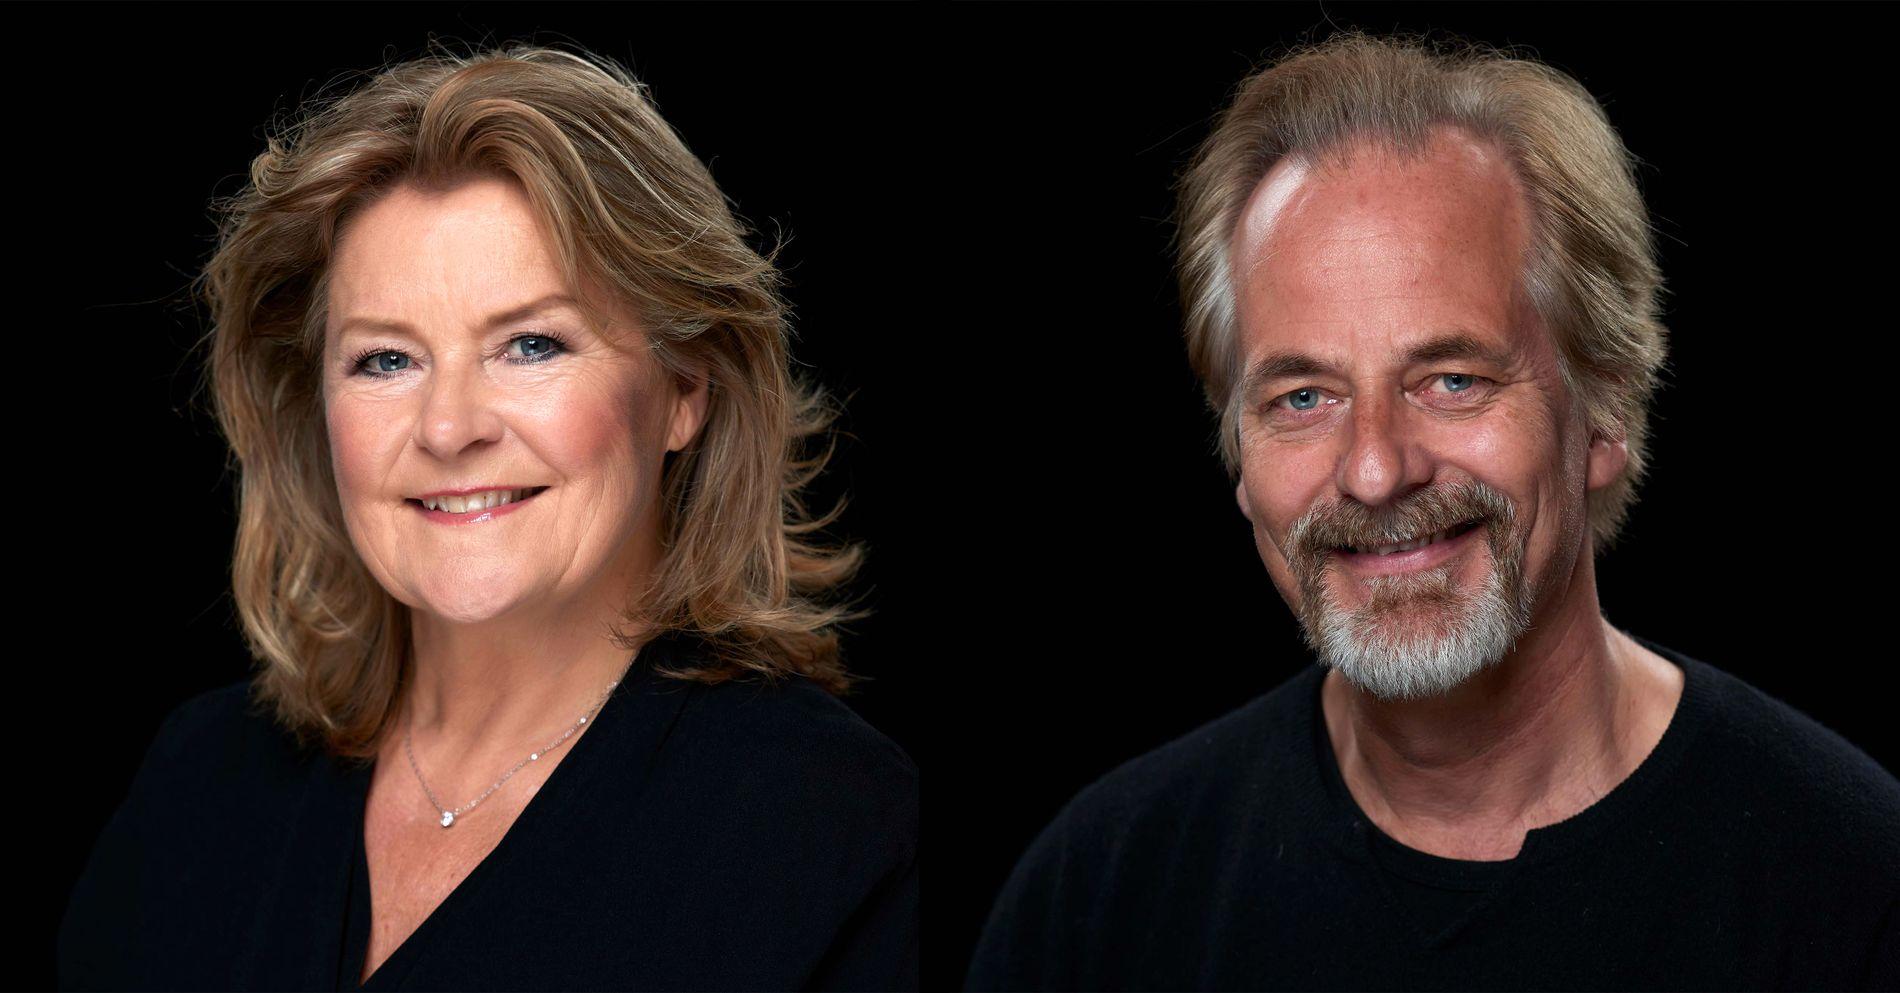 STJERNER: Elisabeth Andreassen spiller sjakkdommer og Øystein Røger KGB-agent.